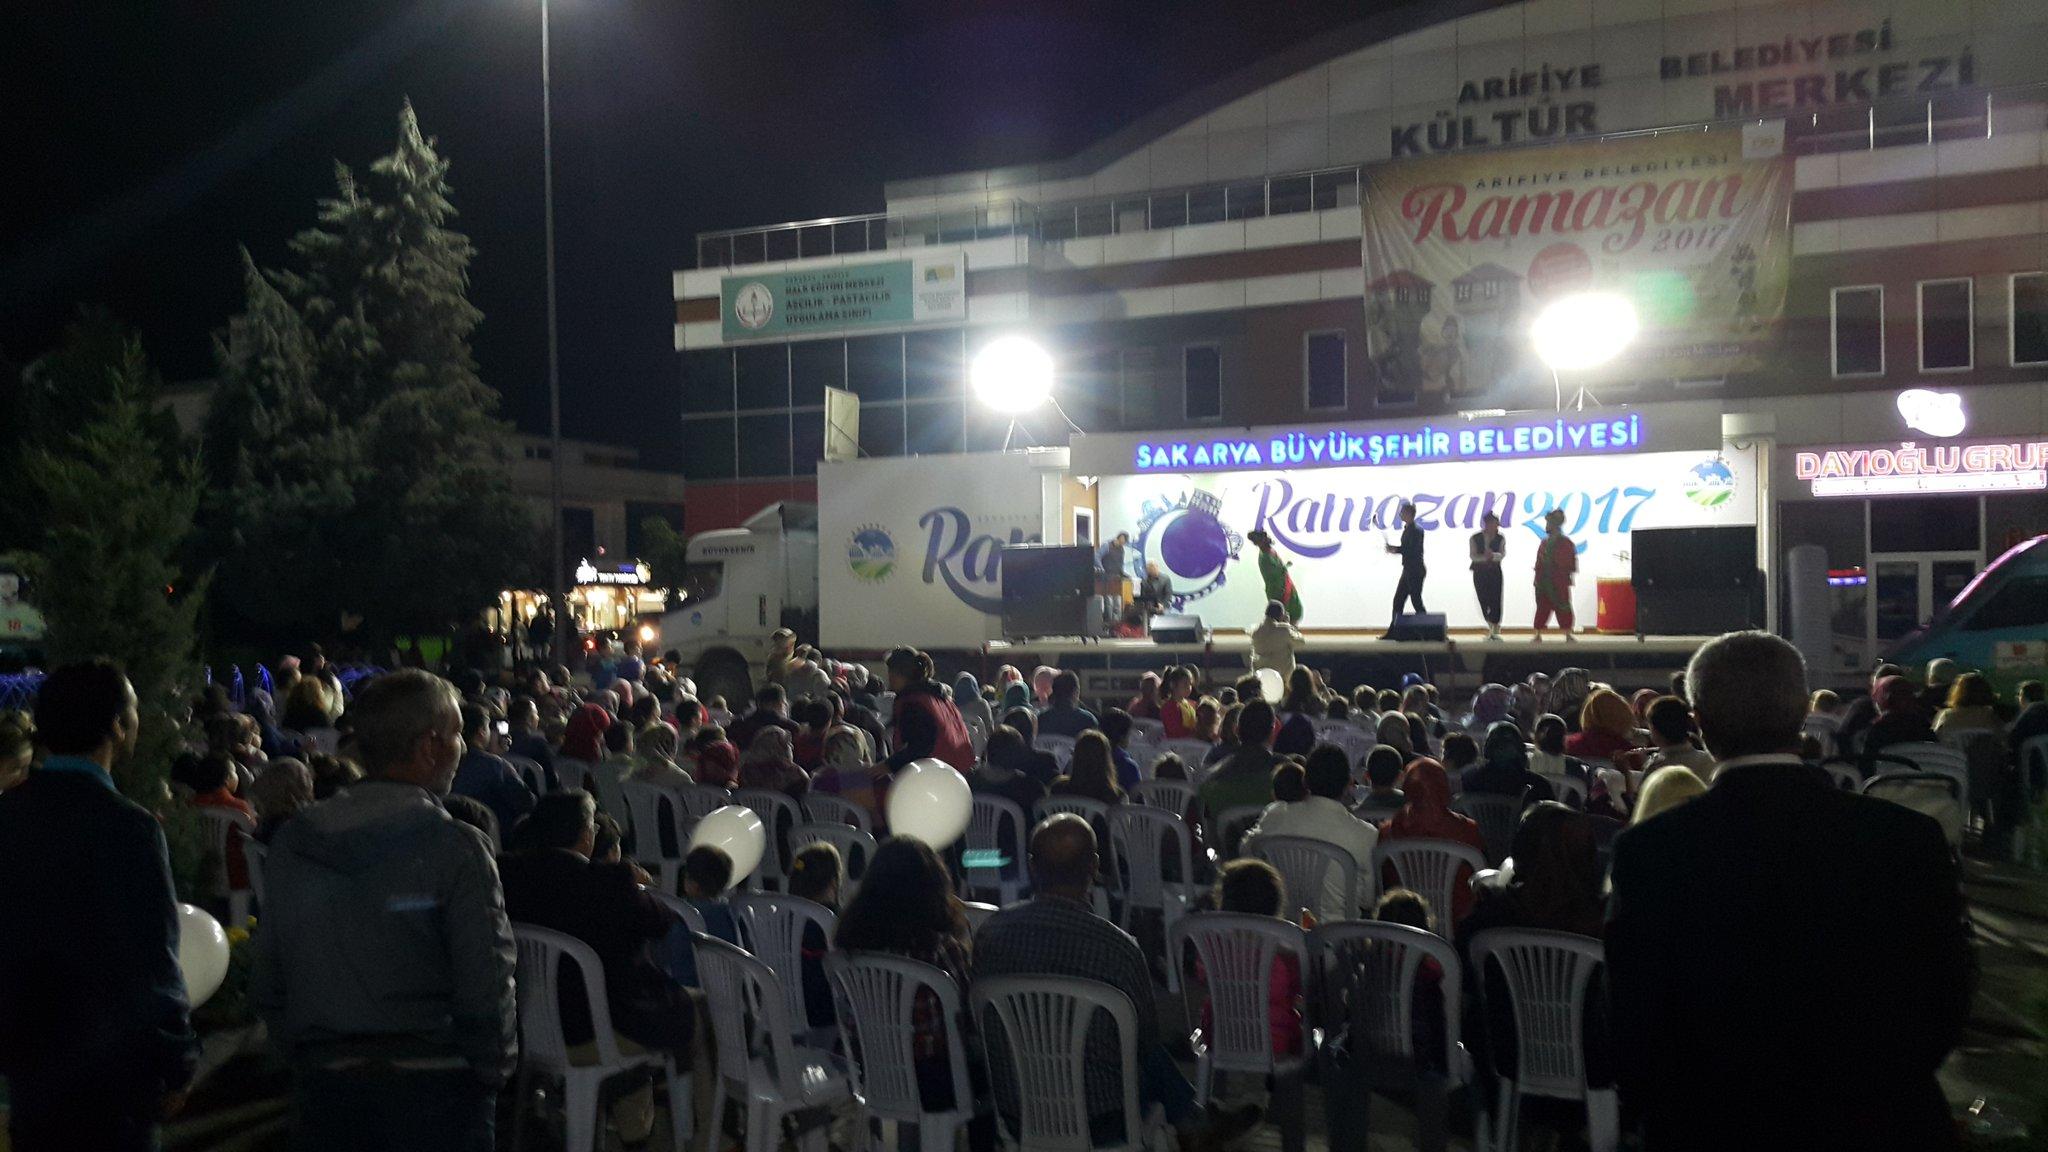 Mobil Etkinlik Tırı Arifiye'de gösteri yaptı